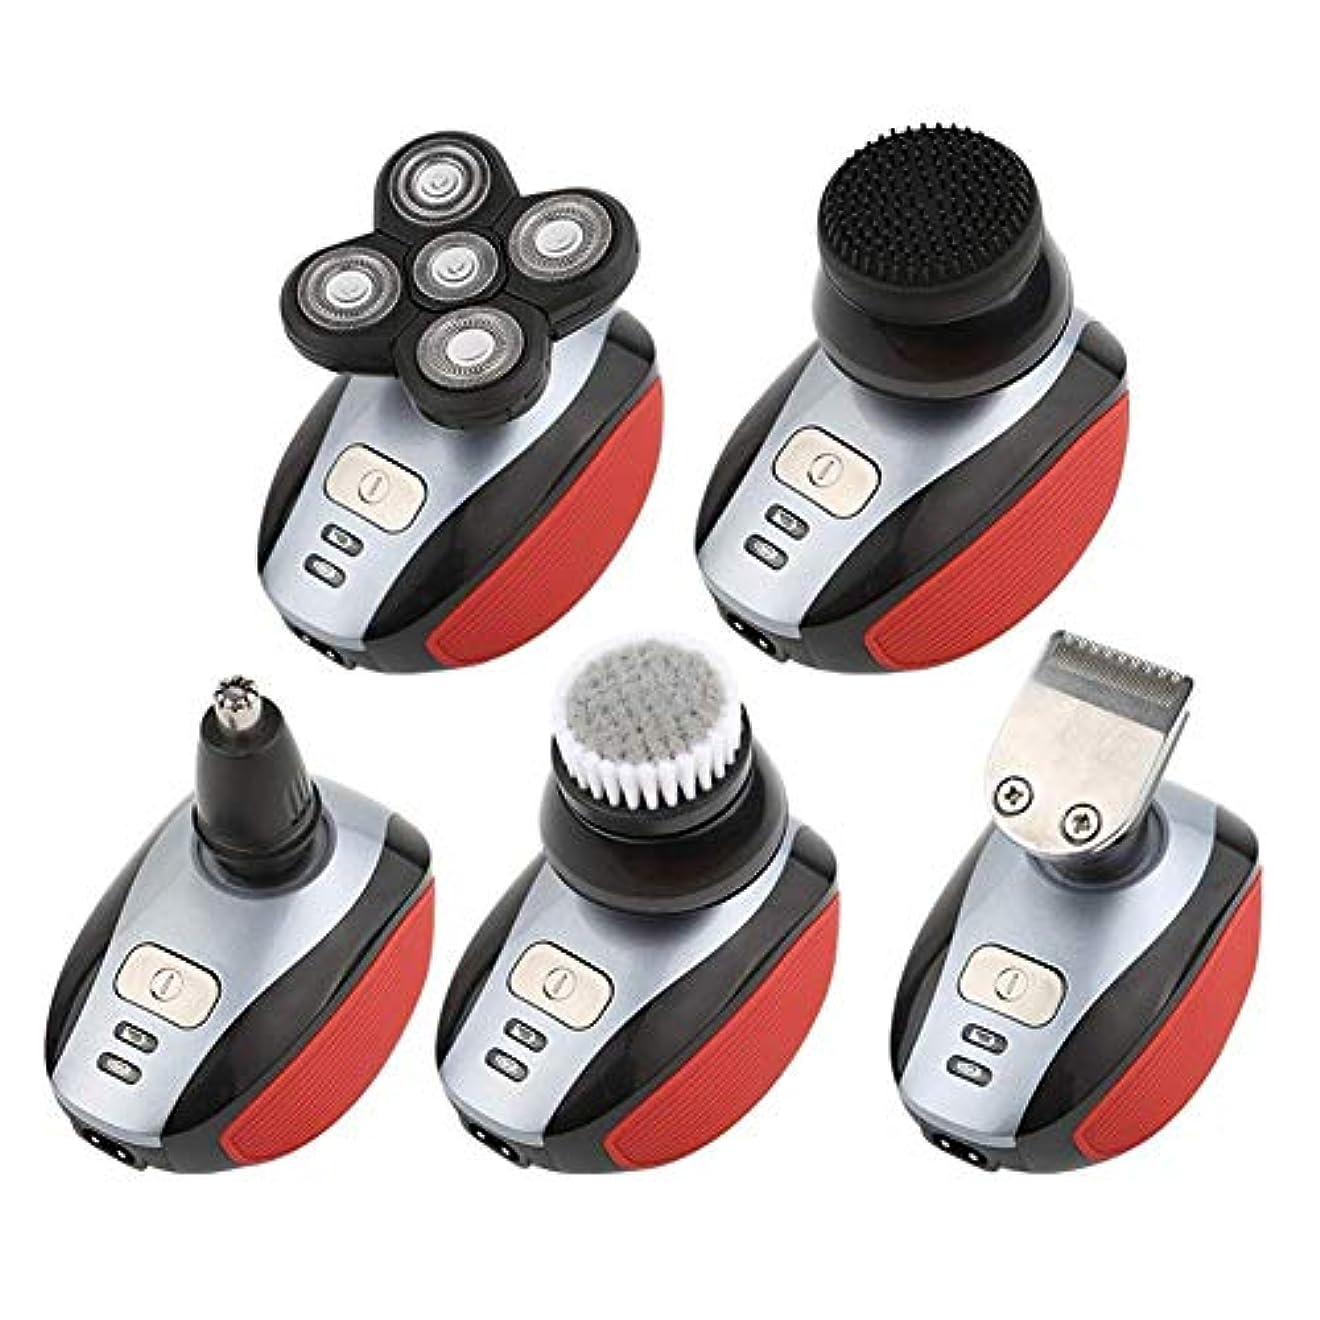 北西好奇心食用電動メンズシェーバートリマー - 多機能美容師5 in 1 USB充電式クレンジングブラシ、鼻毛トリマー、バリカン美容ツール